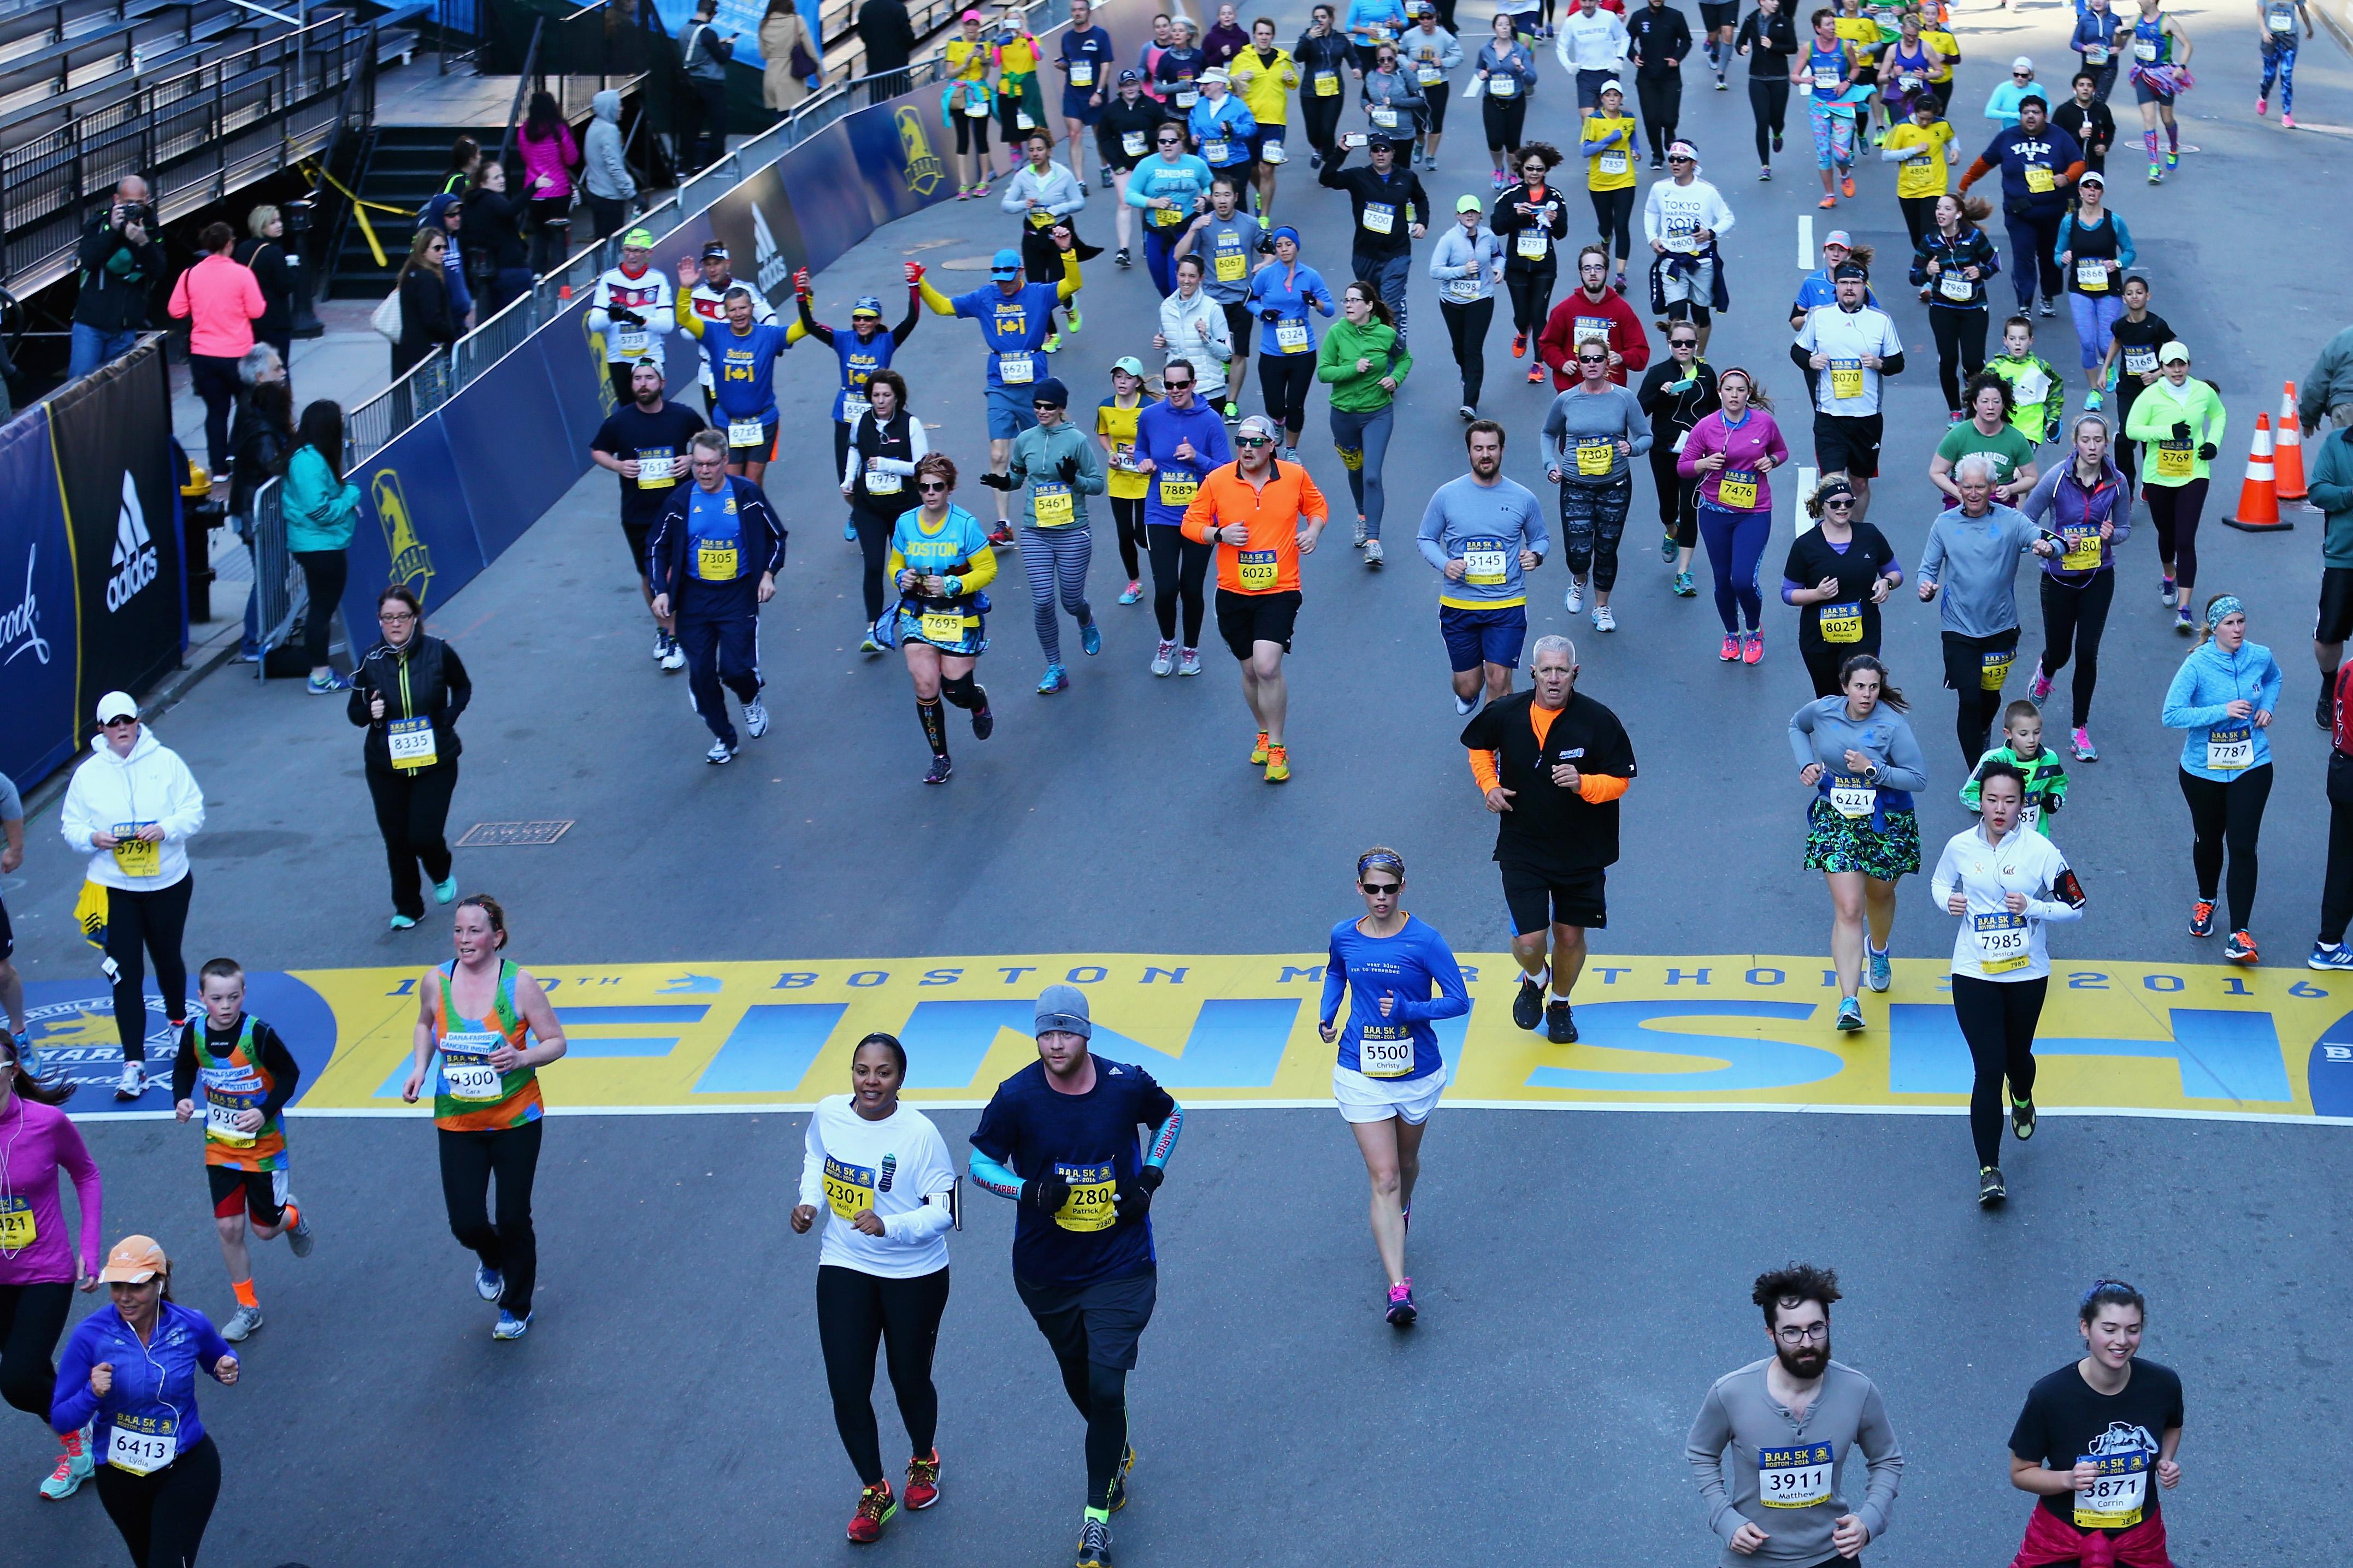 Boston Marathon registration, Boston Marathon 2017 registration, Boston Marathon qualifying times, how to qualify Boston Marathon, boston marathon times, Boston Marathon qualifying, how to sign up for Boston Marathon, Boston Marathon 2017